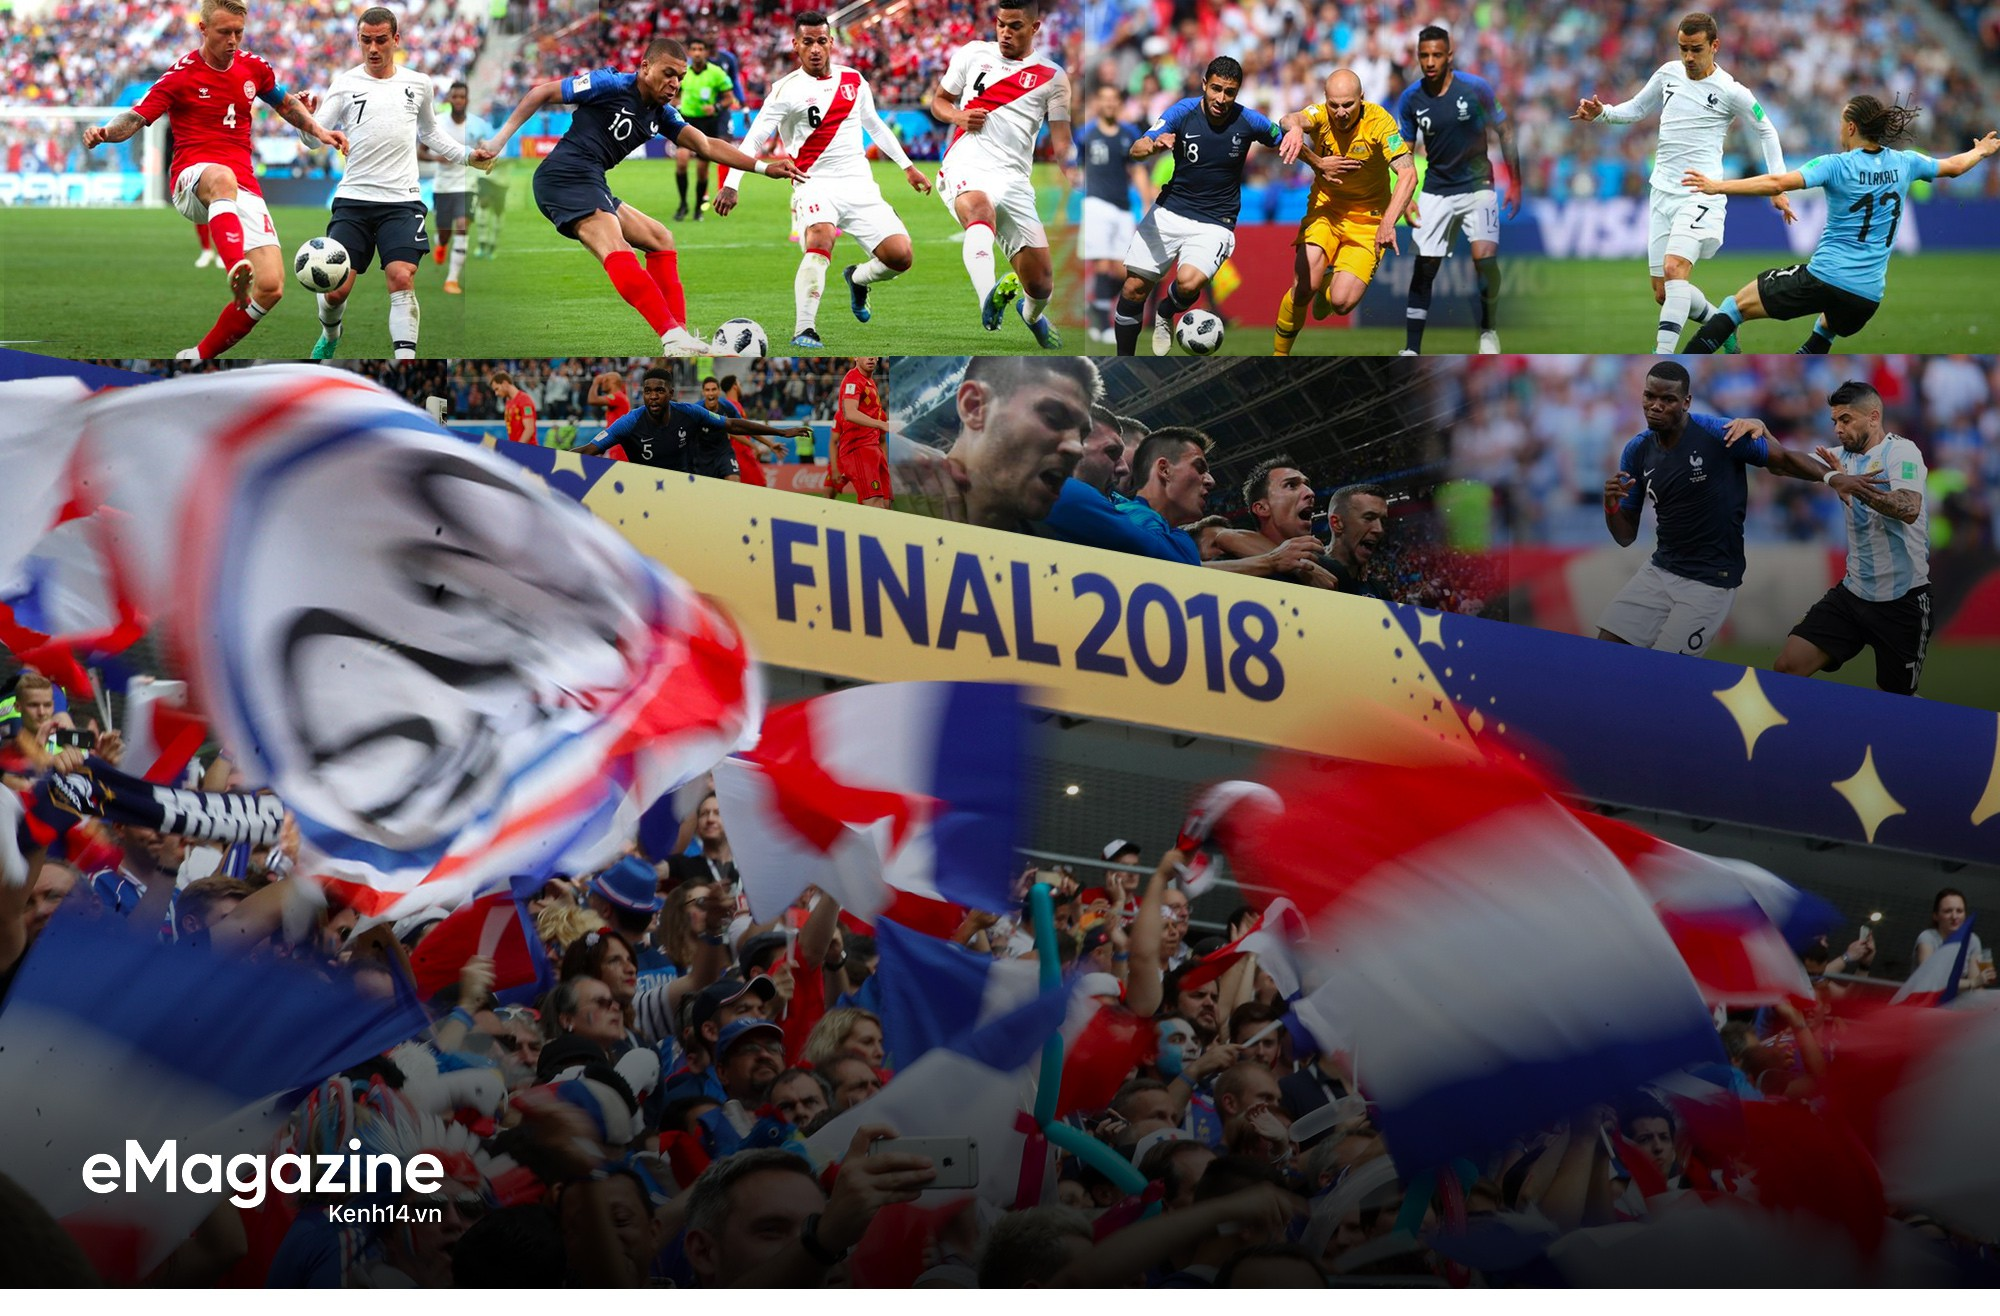 Vô địch World Cup 2018, khởi đầu cho kỷ nguyên vàng nước Pháp - Ảnh 11.